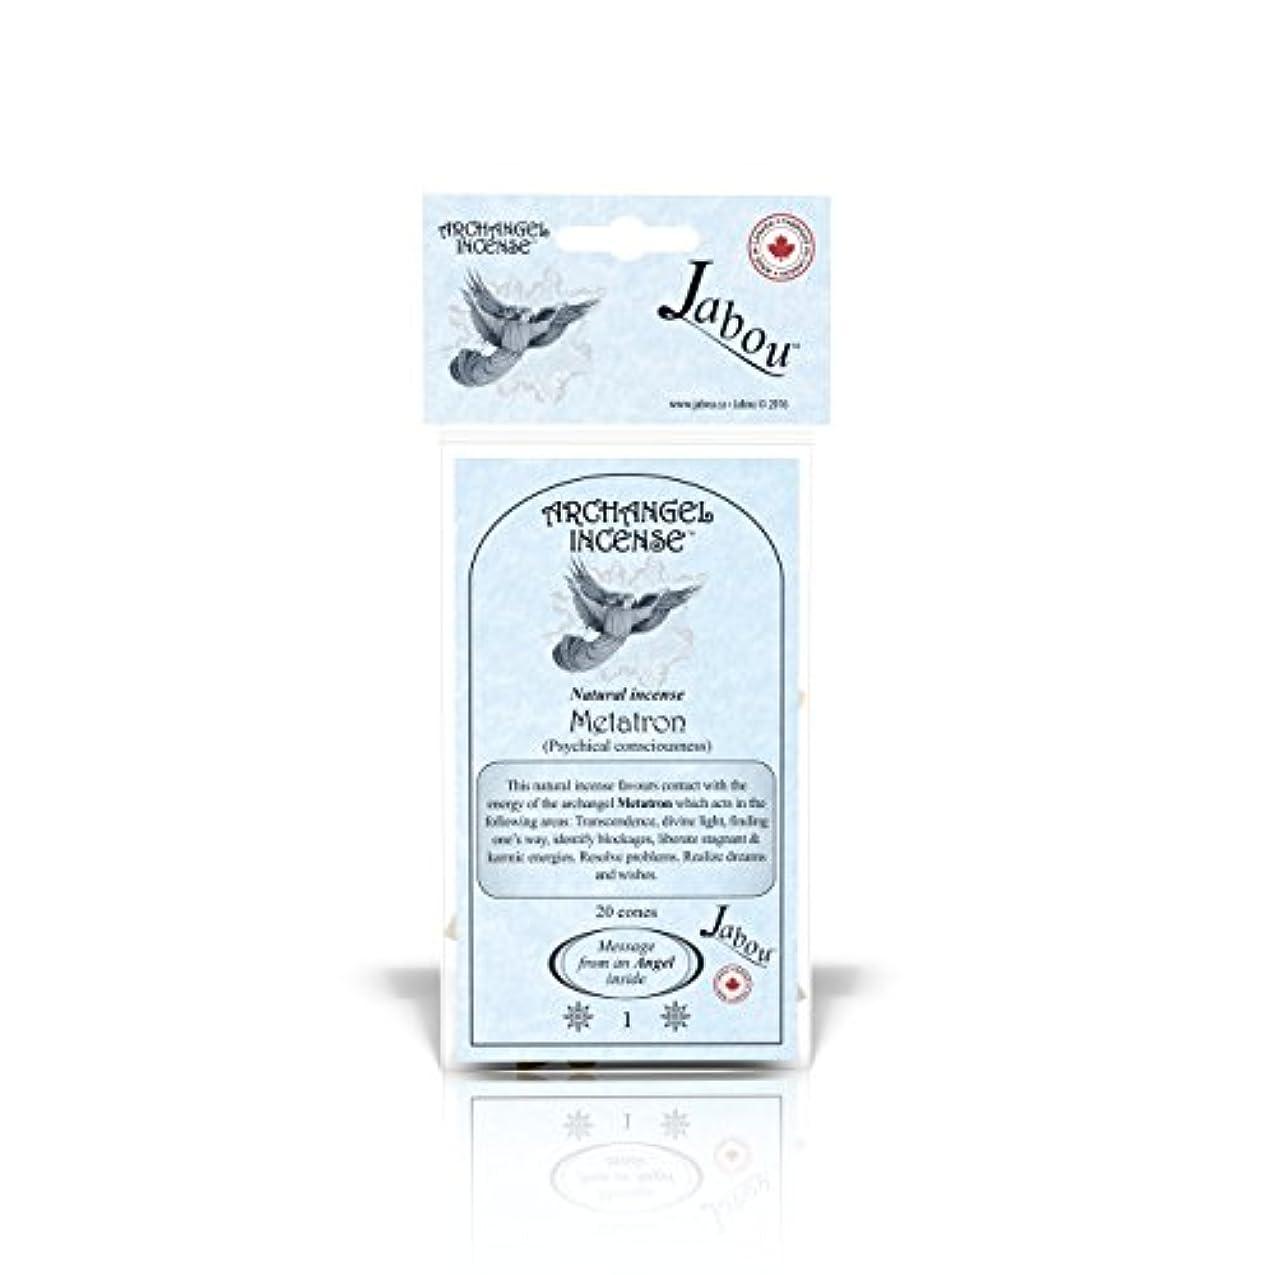 スリッパスペア慢なJabou 大天使 100%天然お香 コーン - 12個の香り - 瞑想 ヨガ リラクゼーション マジック ヒーリング 祈り 儀式 - 20個のコーン - 各30分以上持続